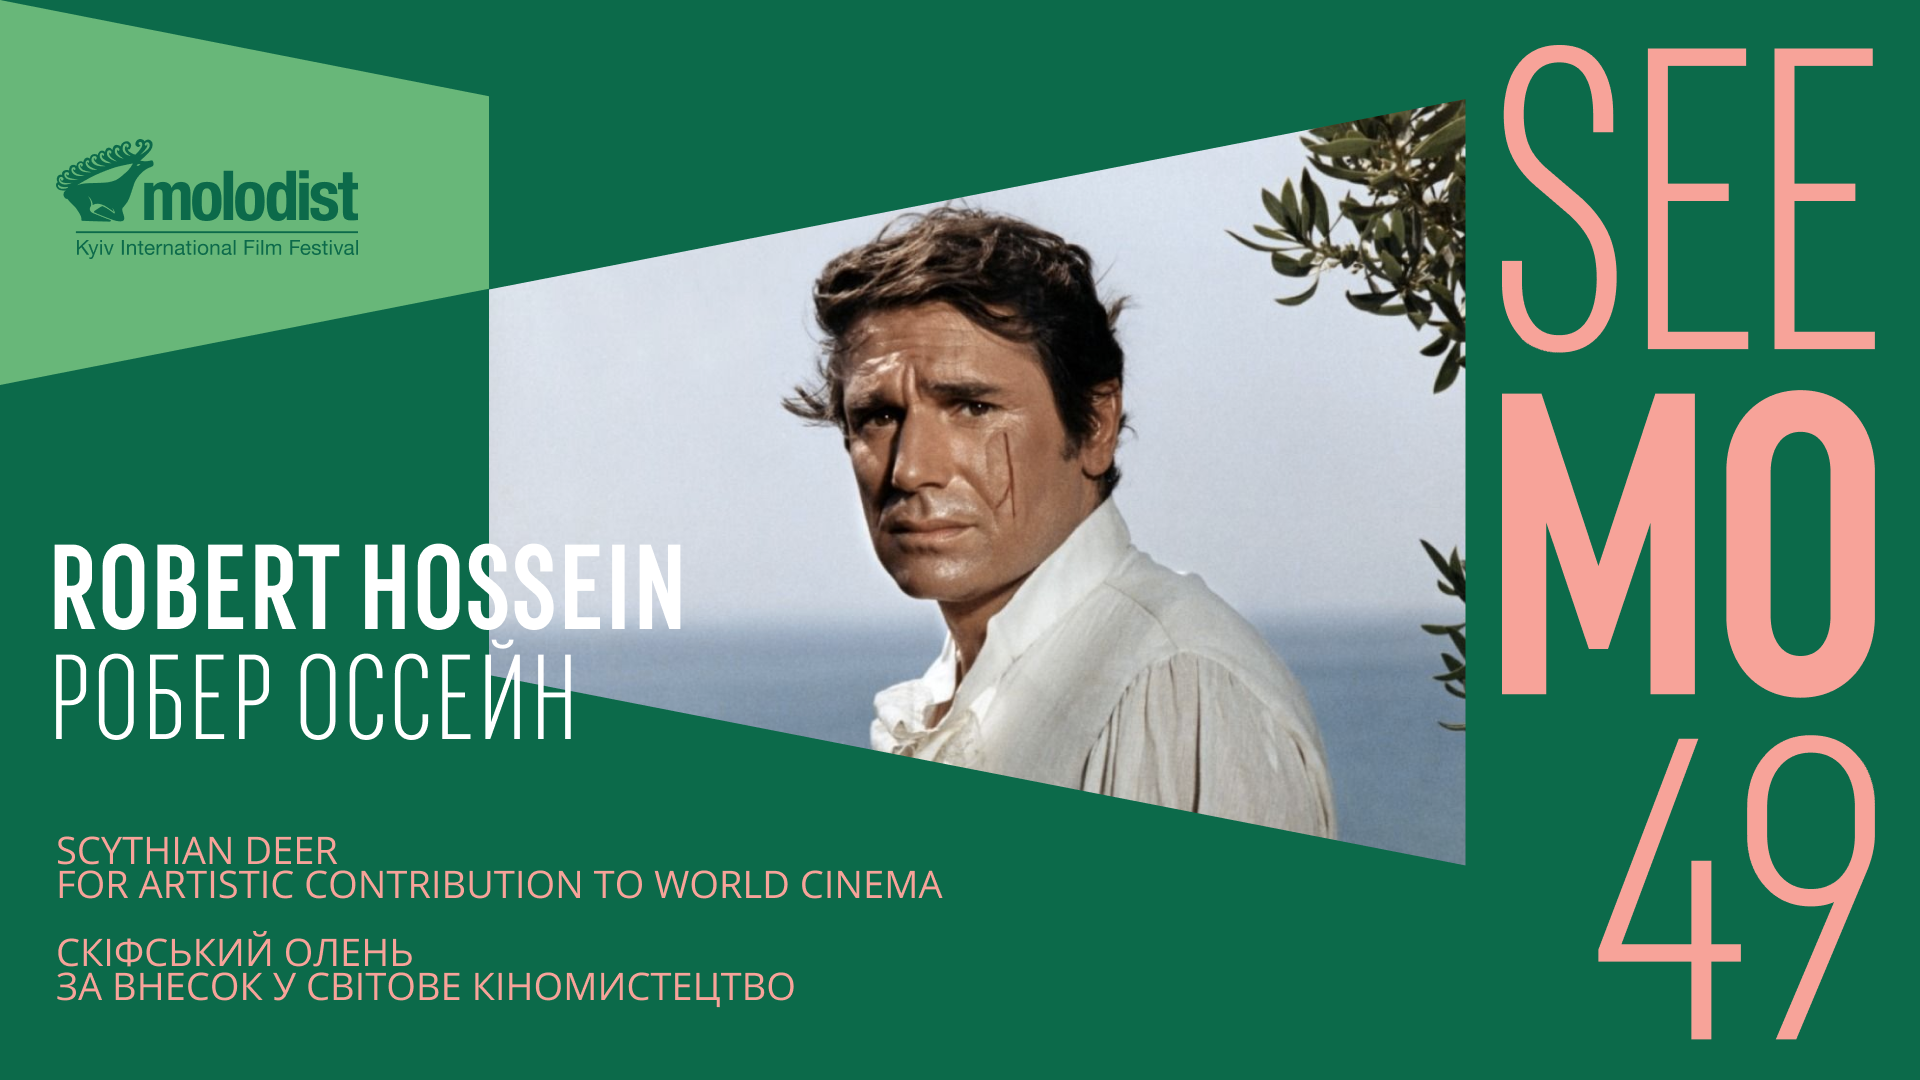 Почесну нагороду «Золотий Скіфський олень» за внесок у світове кіномистецтво від 49-го КМКФ «Молодість» отримає французький актор театру та кіно, режисер, продюсер та письменник Робер Оссейн